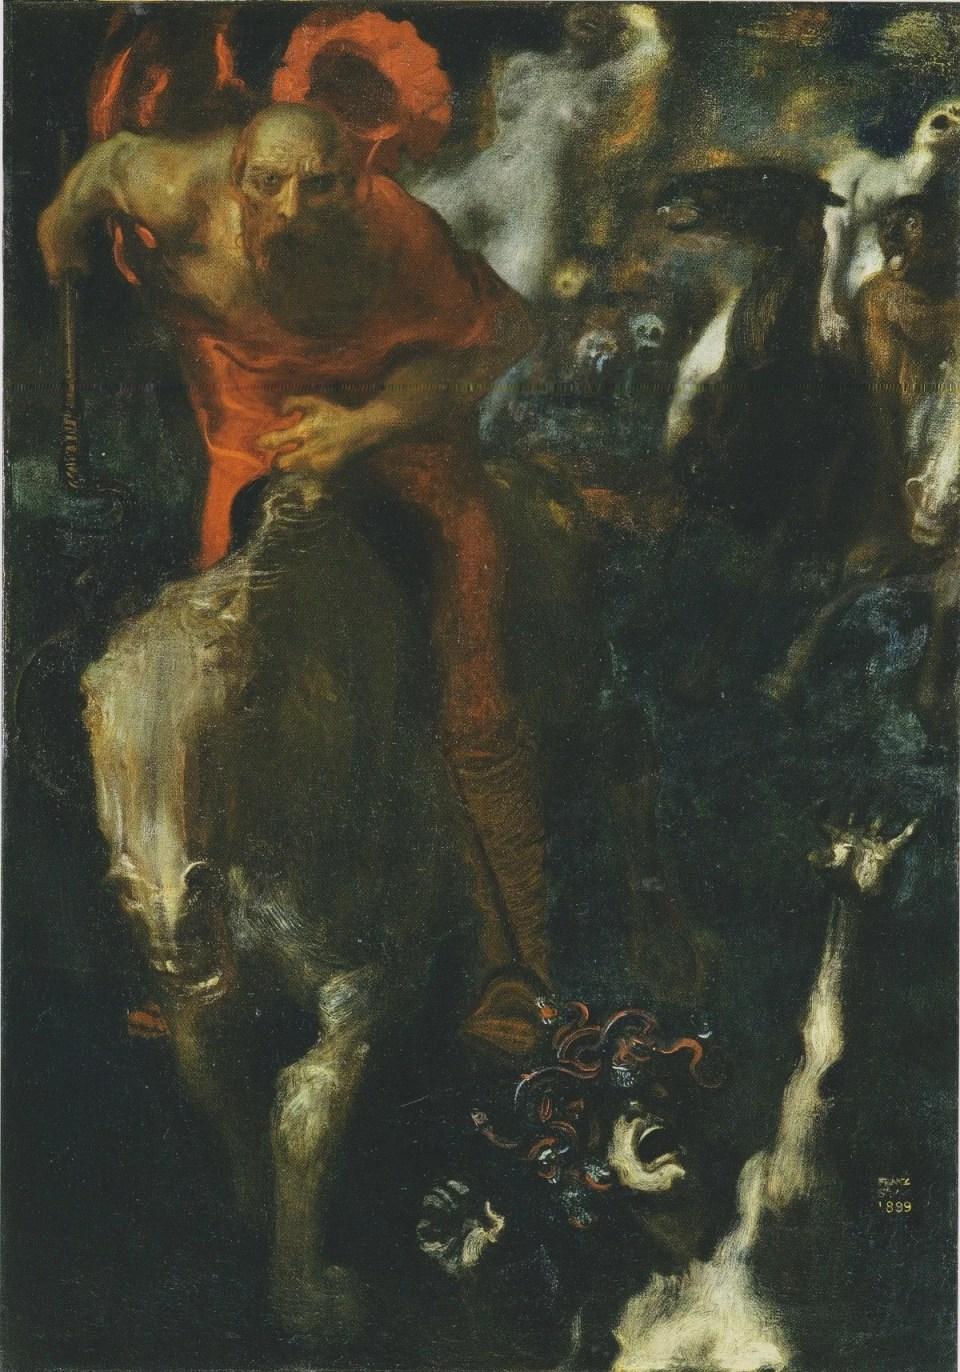 Franz_von_Stuck_-_Wilde_Jagd_-_Musee_d_Orsay_-_Paris_-_1899